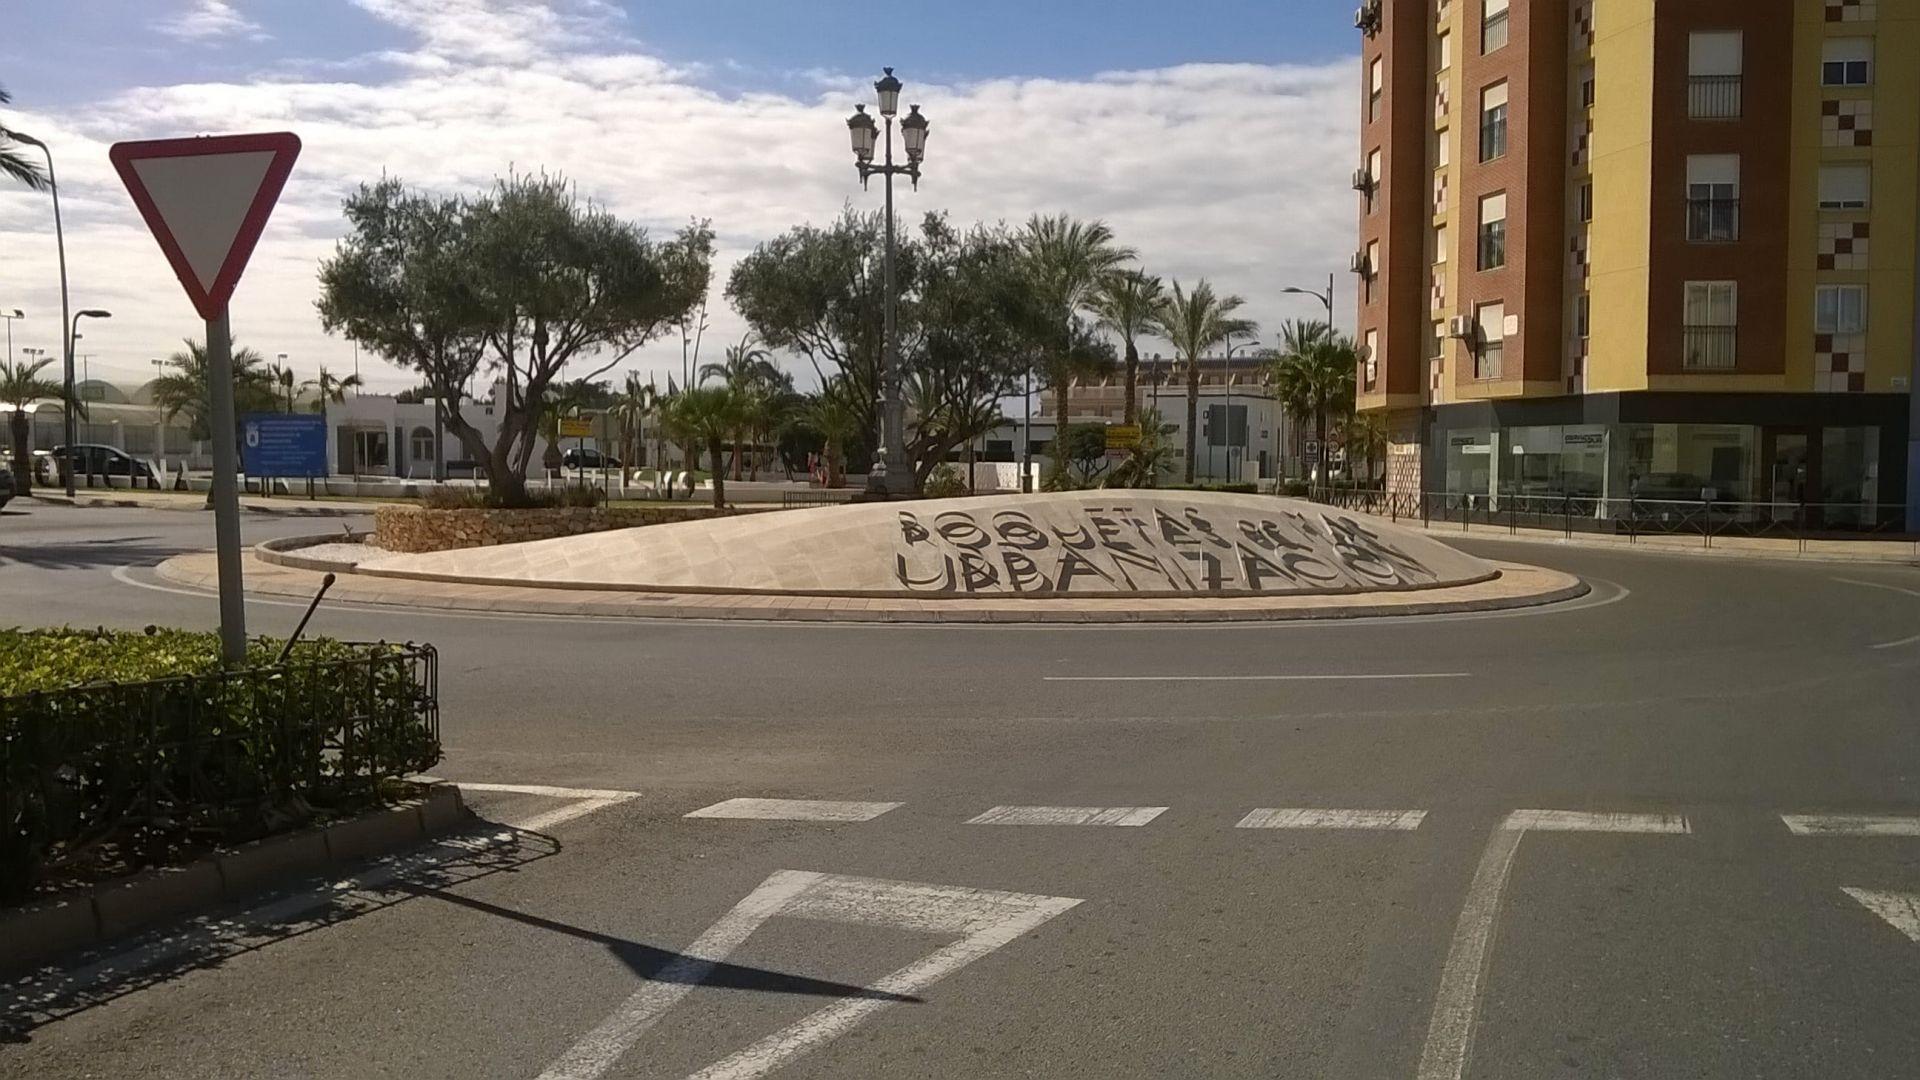 Adecuación de rotonda en Avda. Rosita Ferrer en Roquetas de Mar